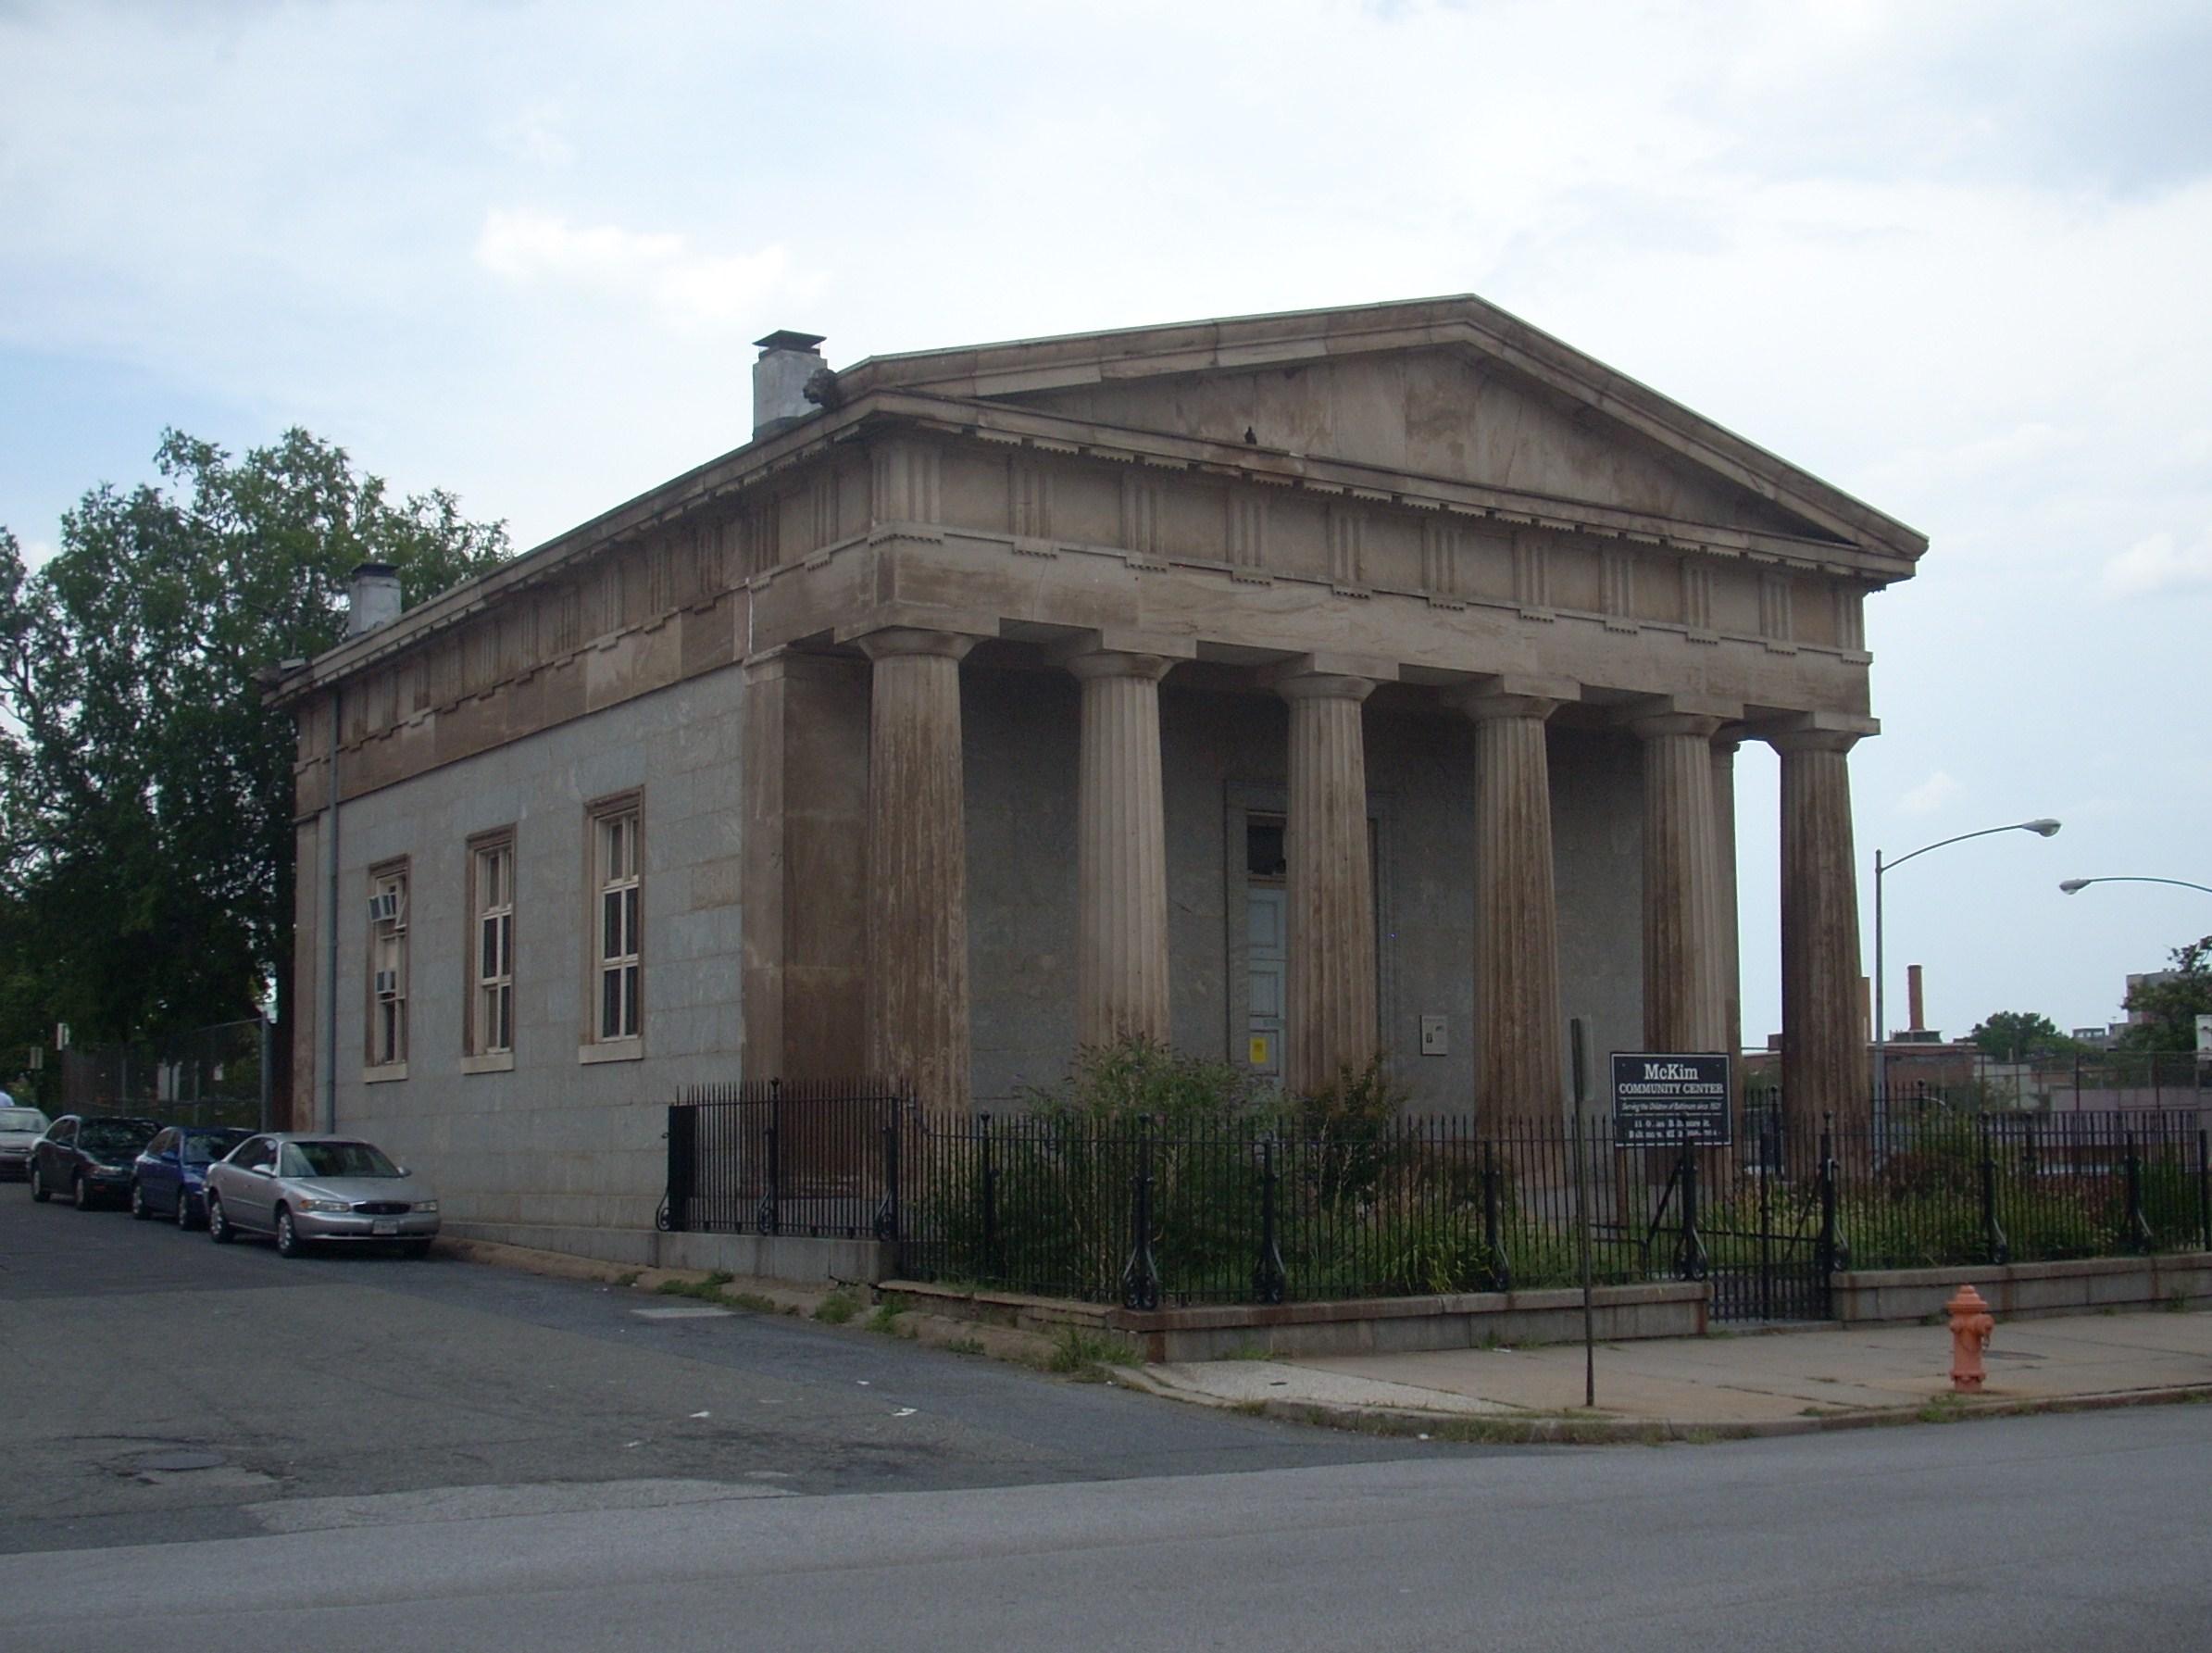 File:McKim's School, 1120 E. Baltimore St., Baltimore City, Maryland